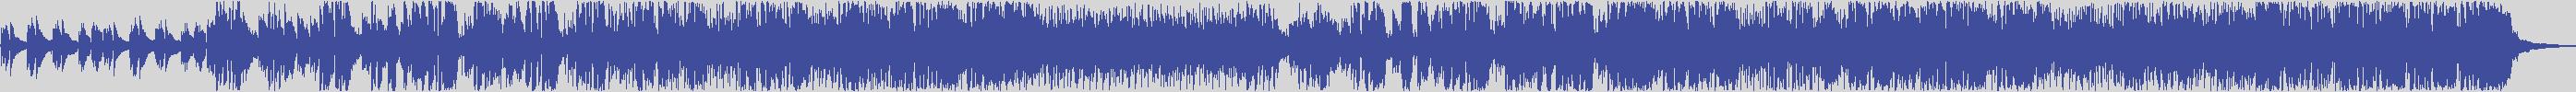 gold_hit_records [GHR003] Lucas Castro - Hombre Afortunado [Radio Edit] audio wave form